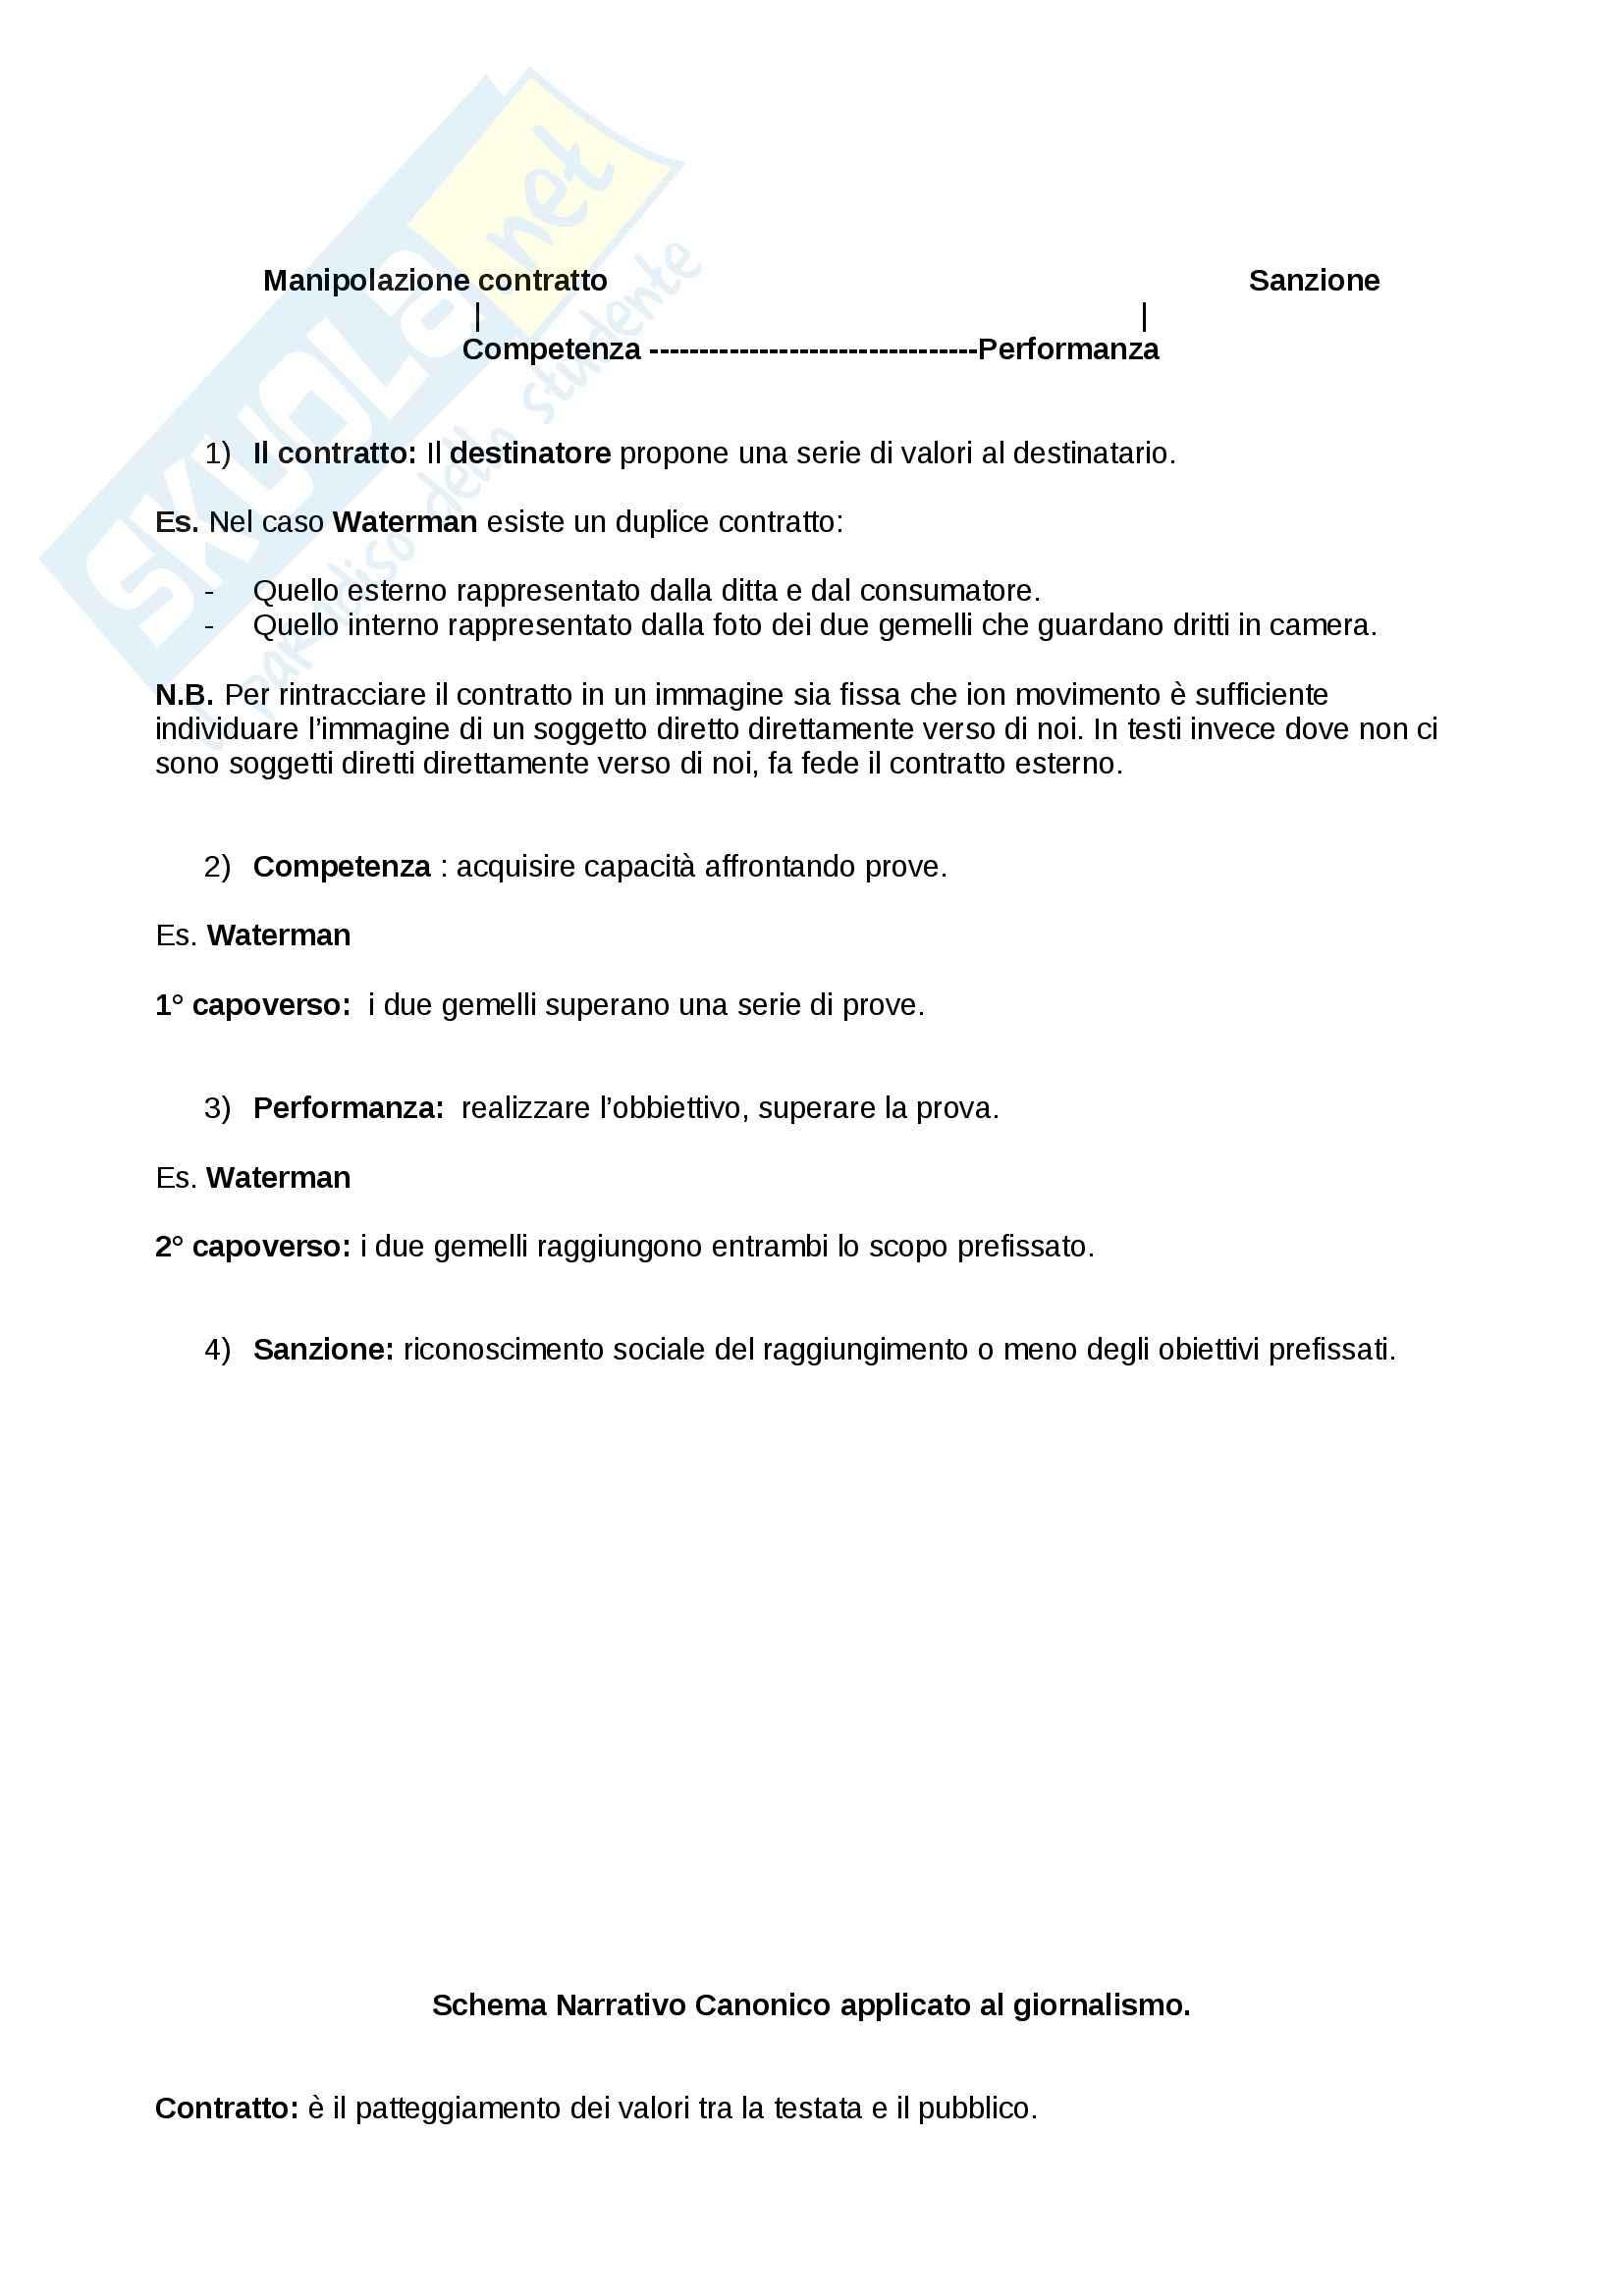 Teoria e semiotica della scrittura - Riassunto esame, prof. Zaganelli Pag. 2